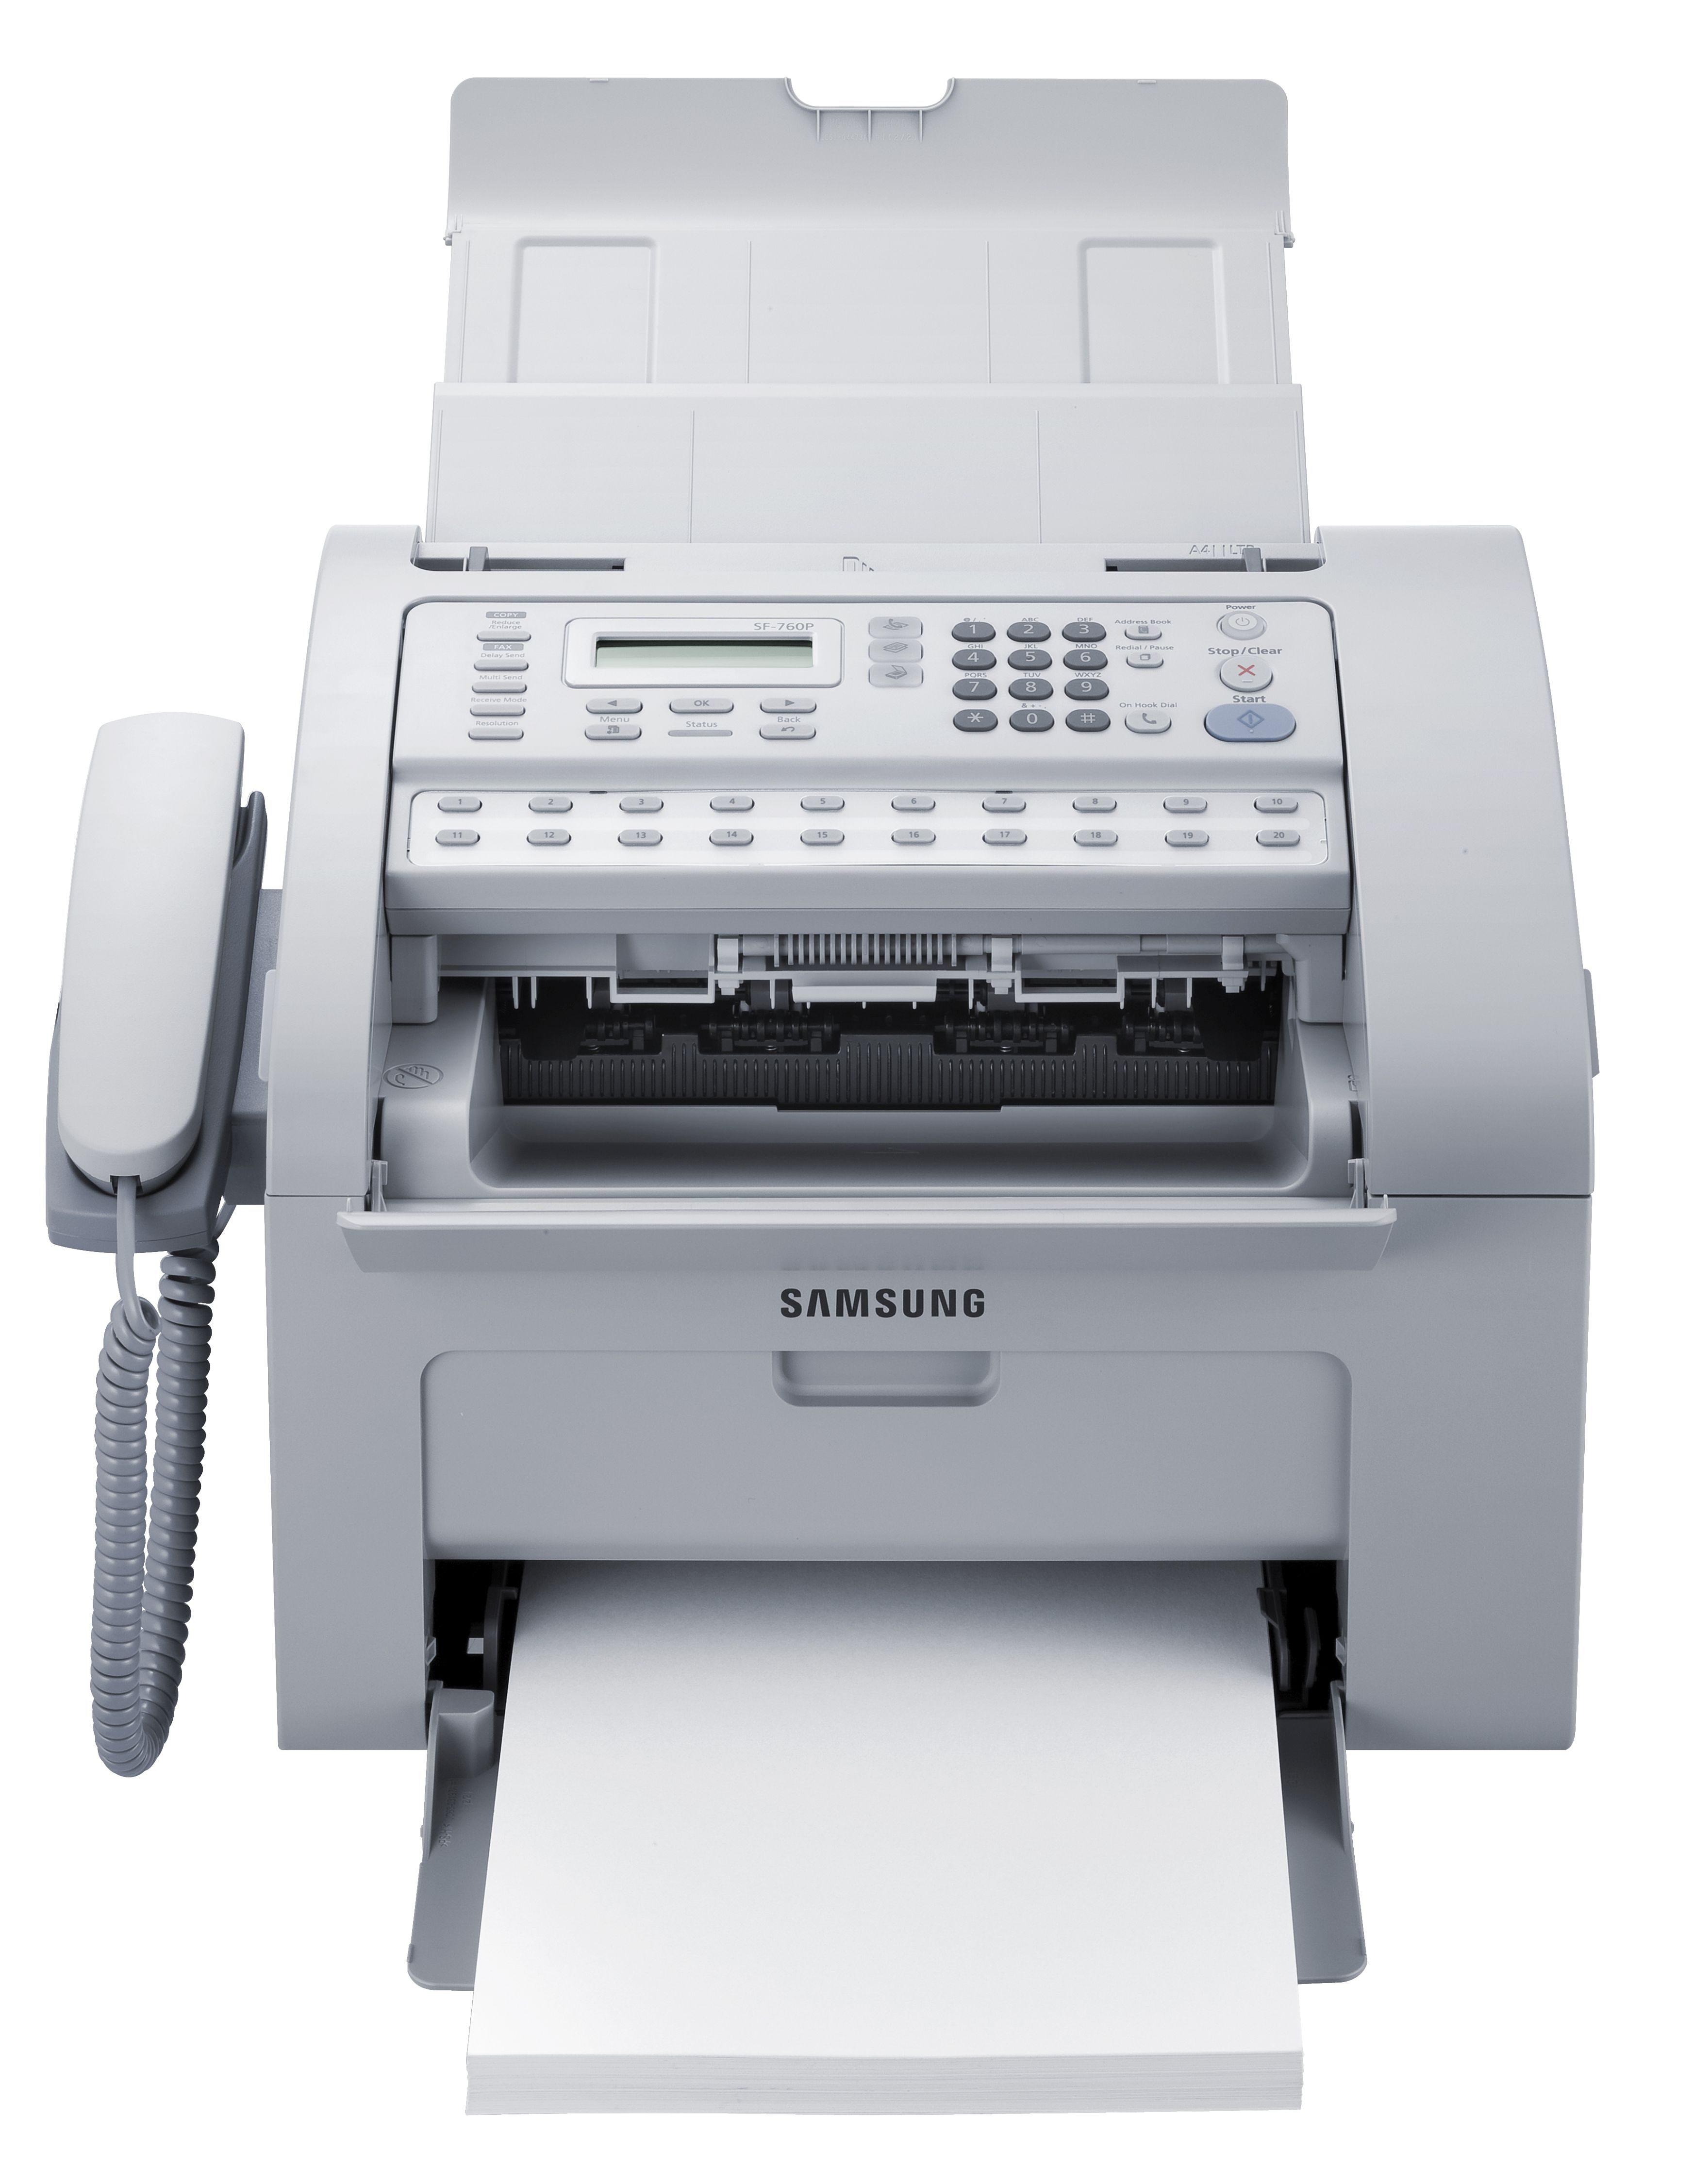 Samsung Drucker »SAMSUNG SF-760P mono Fax 4in1 USB2.0 (SF-760P/SEE)«